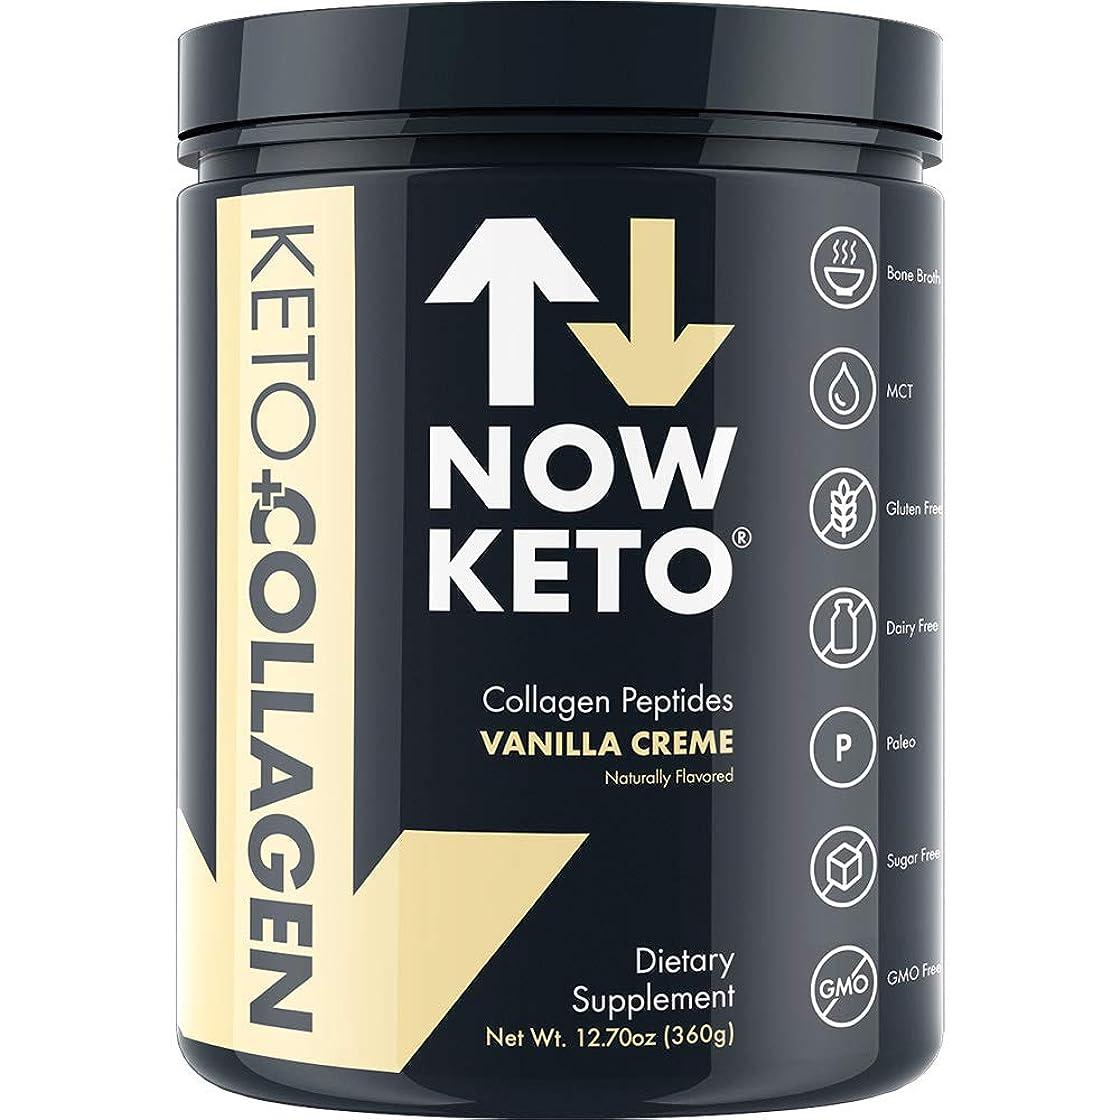 結婚ネックレットインタフェースNOW KETO ?ケトコラーゲンペプチドw/ケトMCTパウダー(中鎖トリグリセリド)-ケトダイエット-脂肪と繊維源が豊富、ケトジェニックダイエットとケトーシスに最適(バニラ、11.5オンス) バニラ 2味